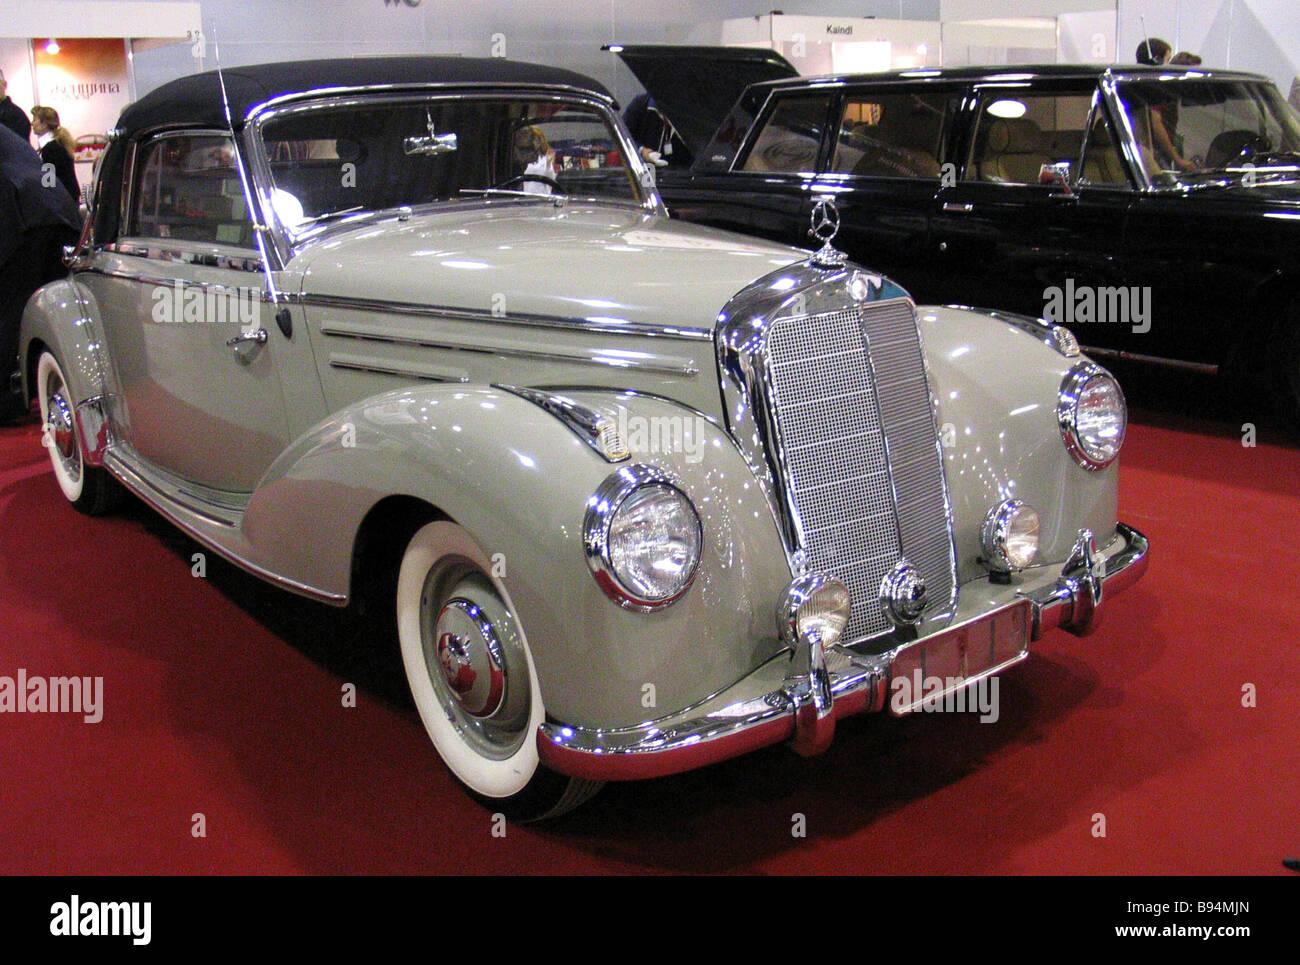 A 1952 mercedes benz 220 cabrio a automobile presented at for 1952 mercedes benz